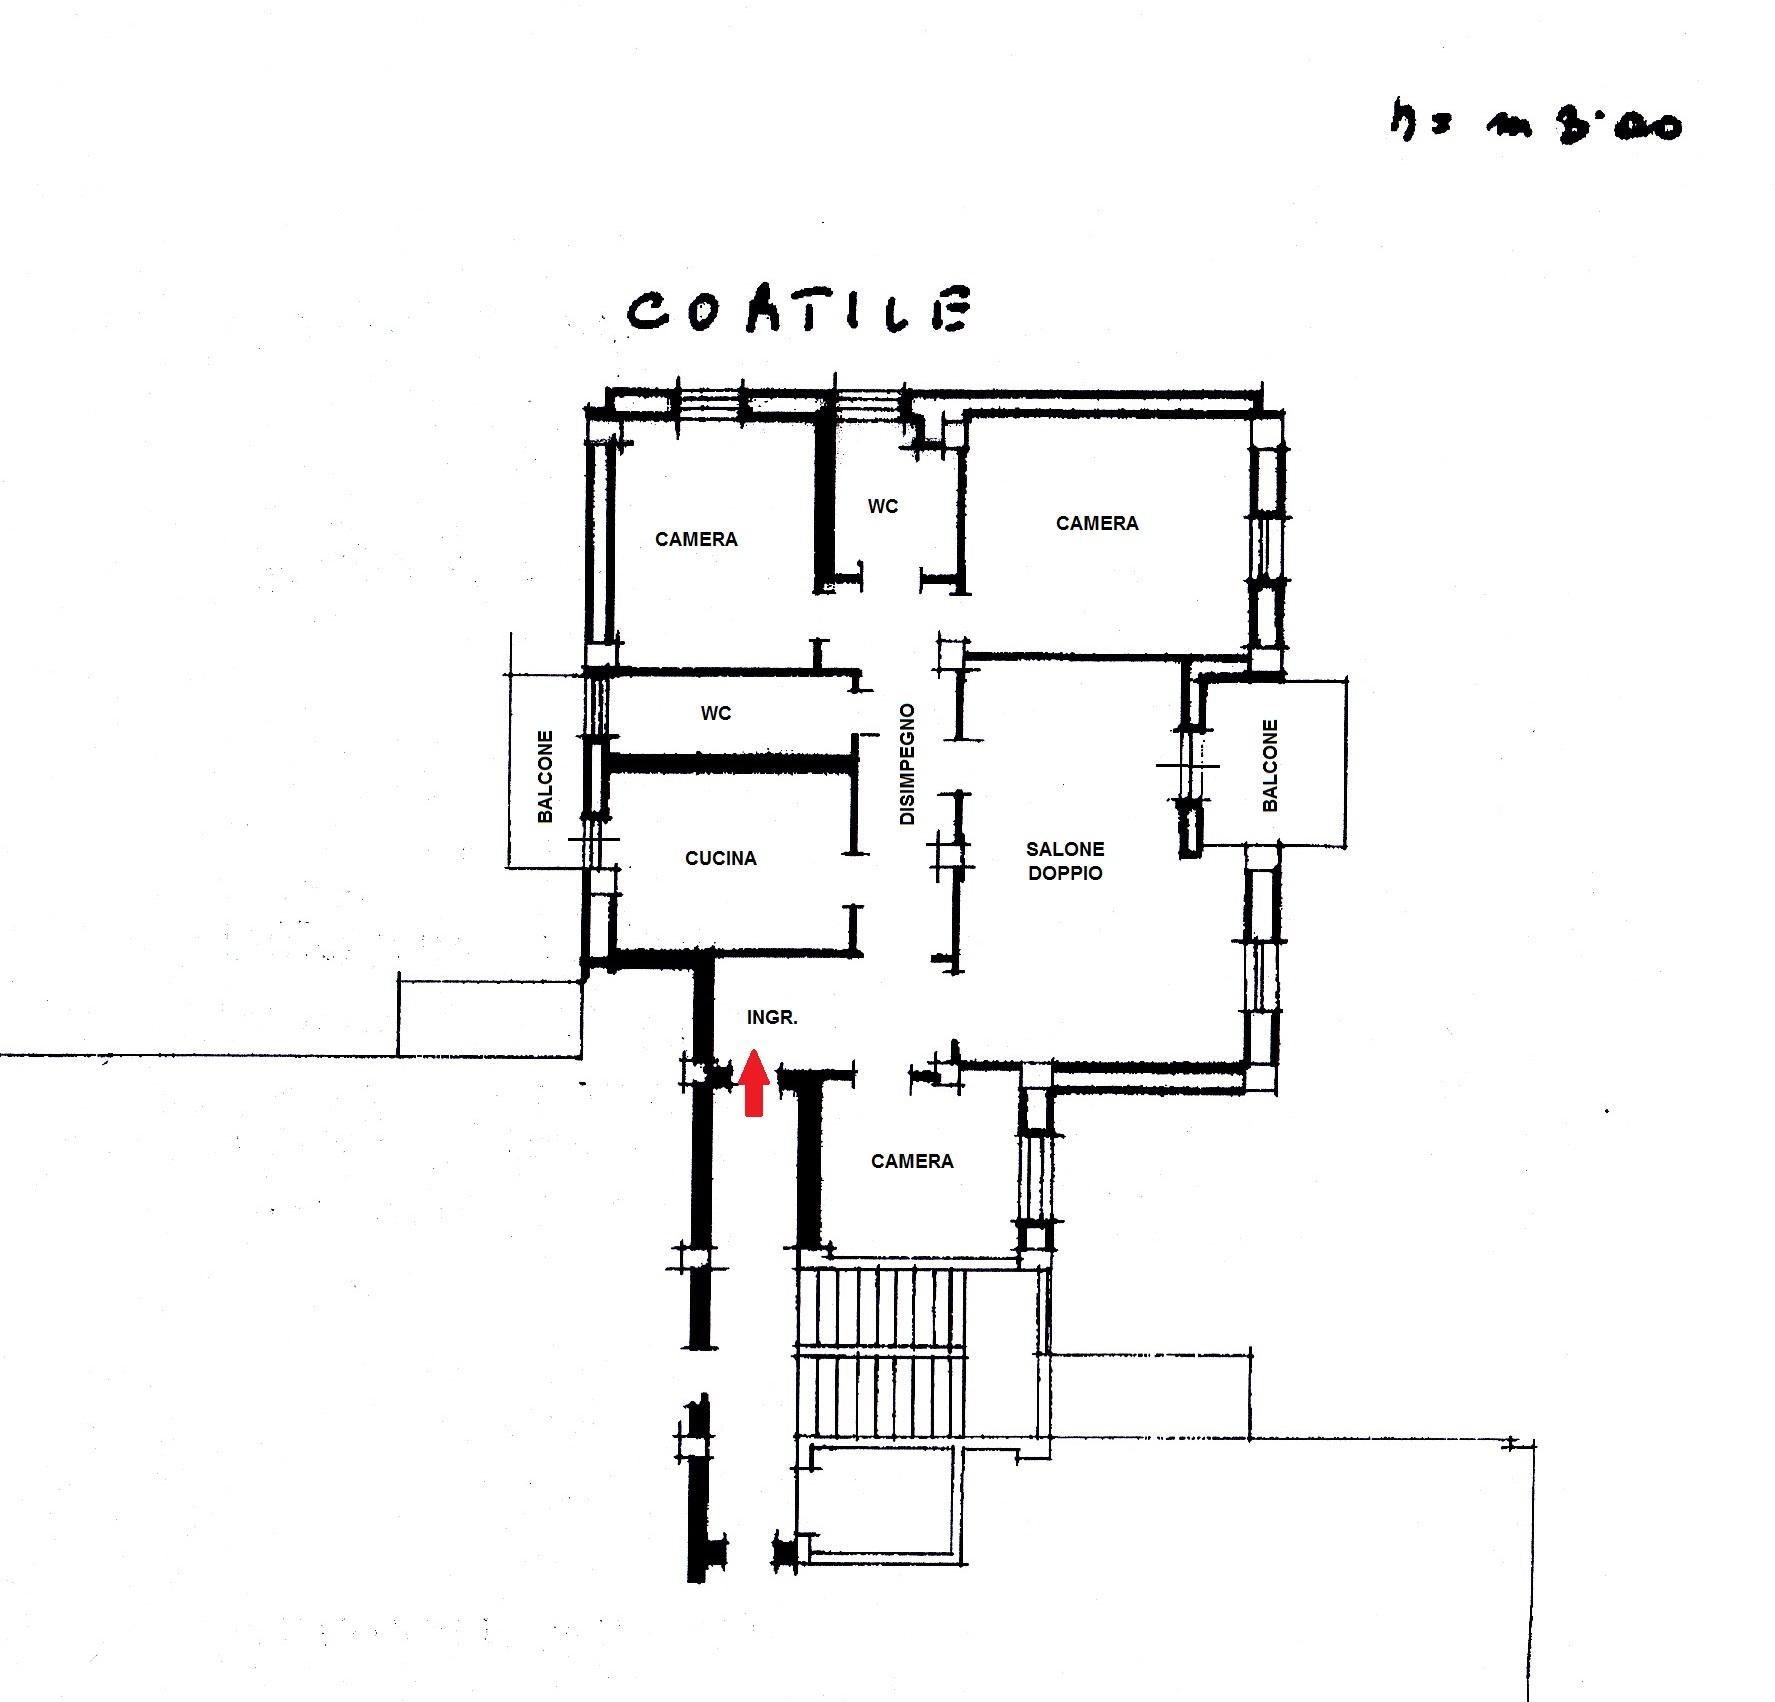 Appartamento In Vendita a Foggia CORSO ROMA, 115  – 5 Vani +  2 wc e cantina